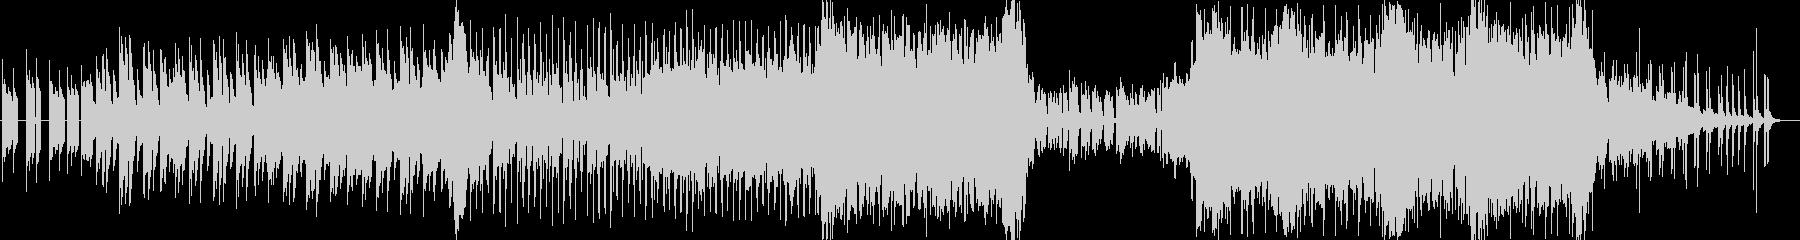 【ピアノ】ほのぼの 鼓笛隊【木琴】の未再生の波形